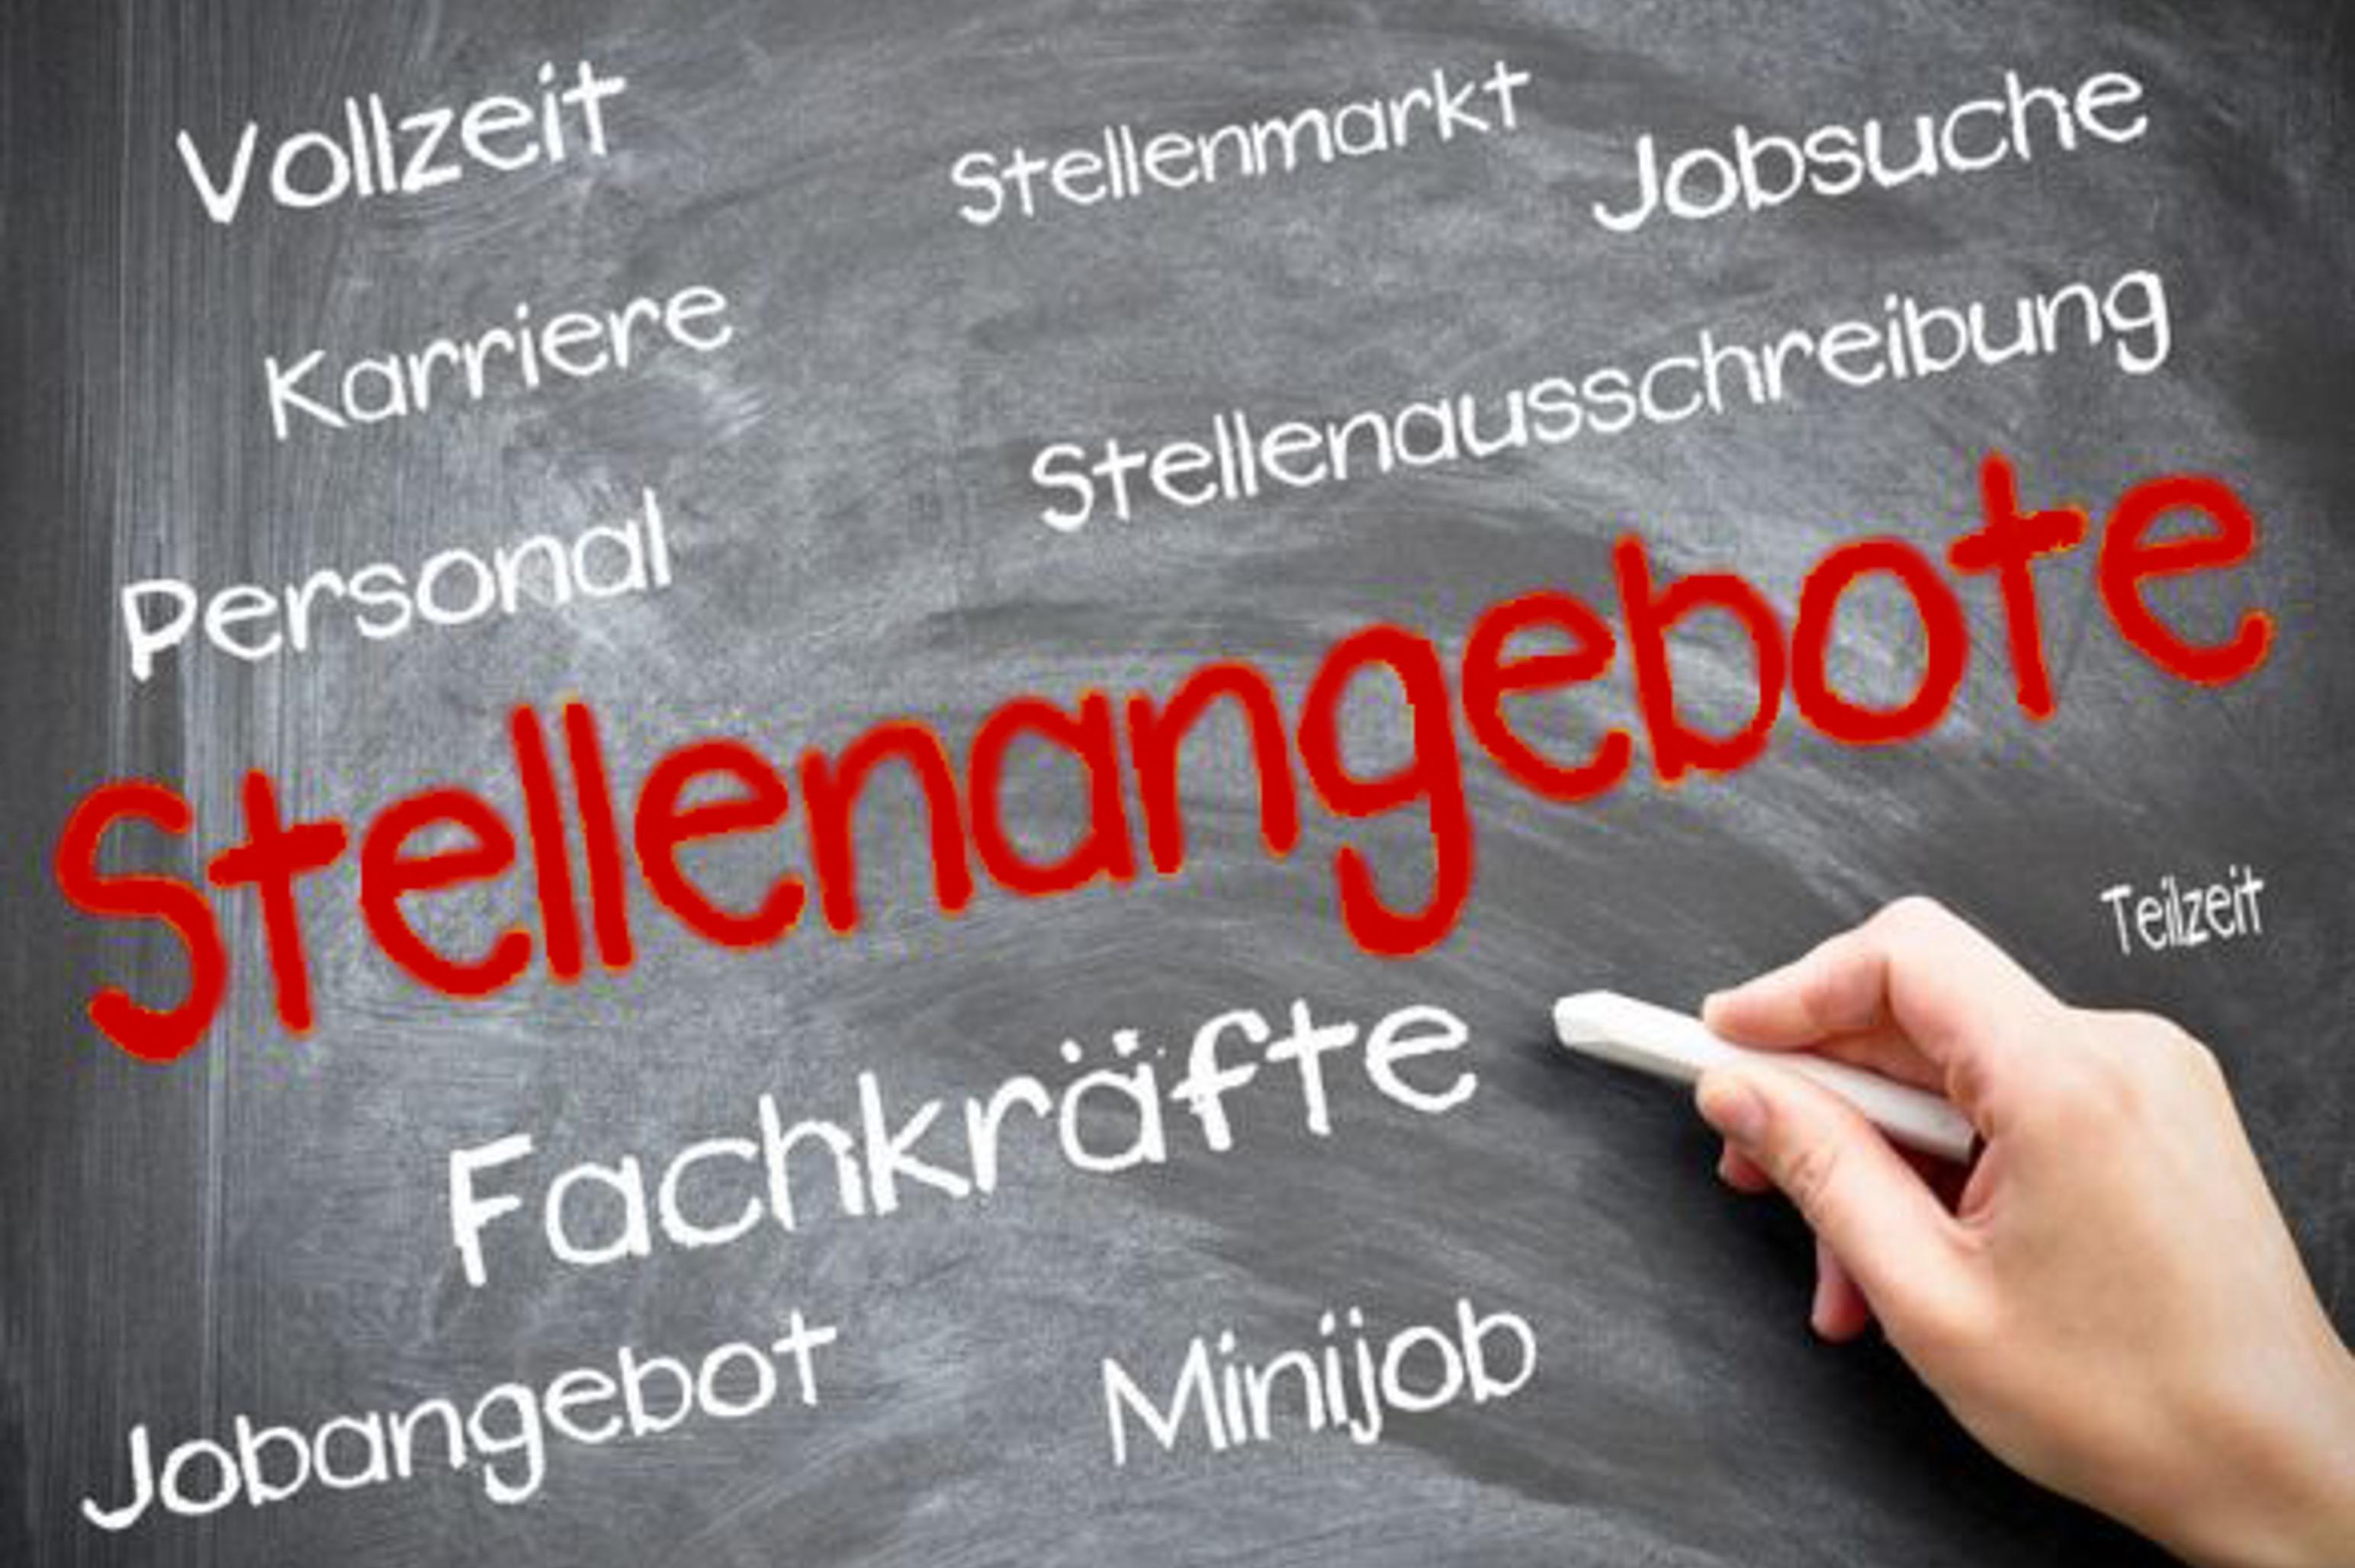 Stellenangebot, Vollzeit, Stellenmarkt, Jobsuche, Stellenausschreibung, Fachkräfte, Jobangebot